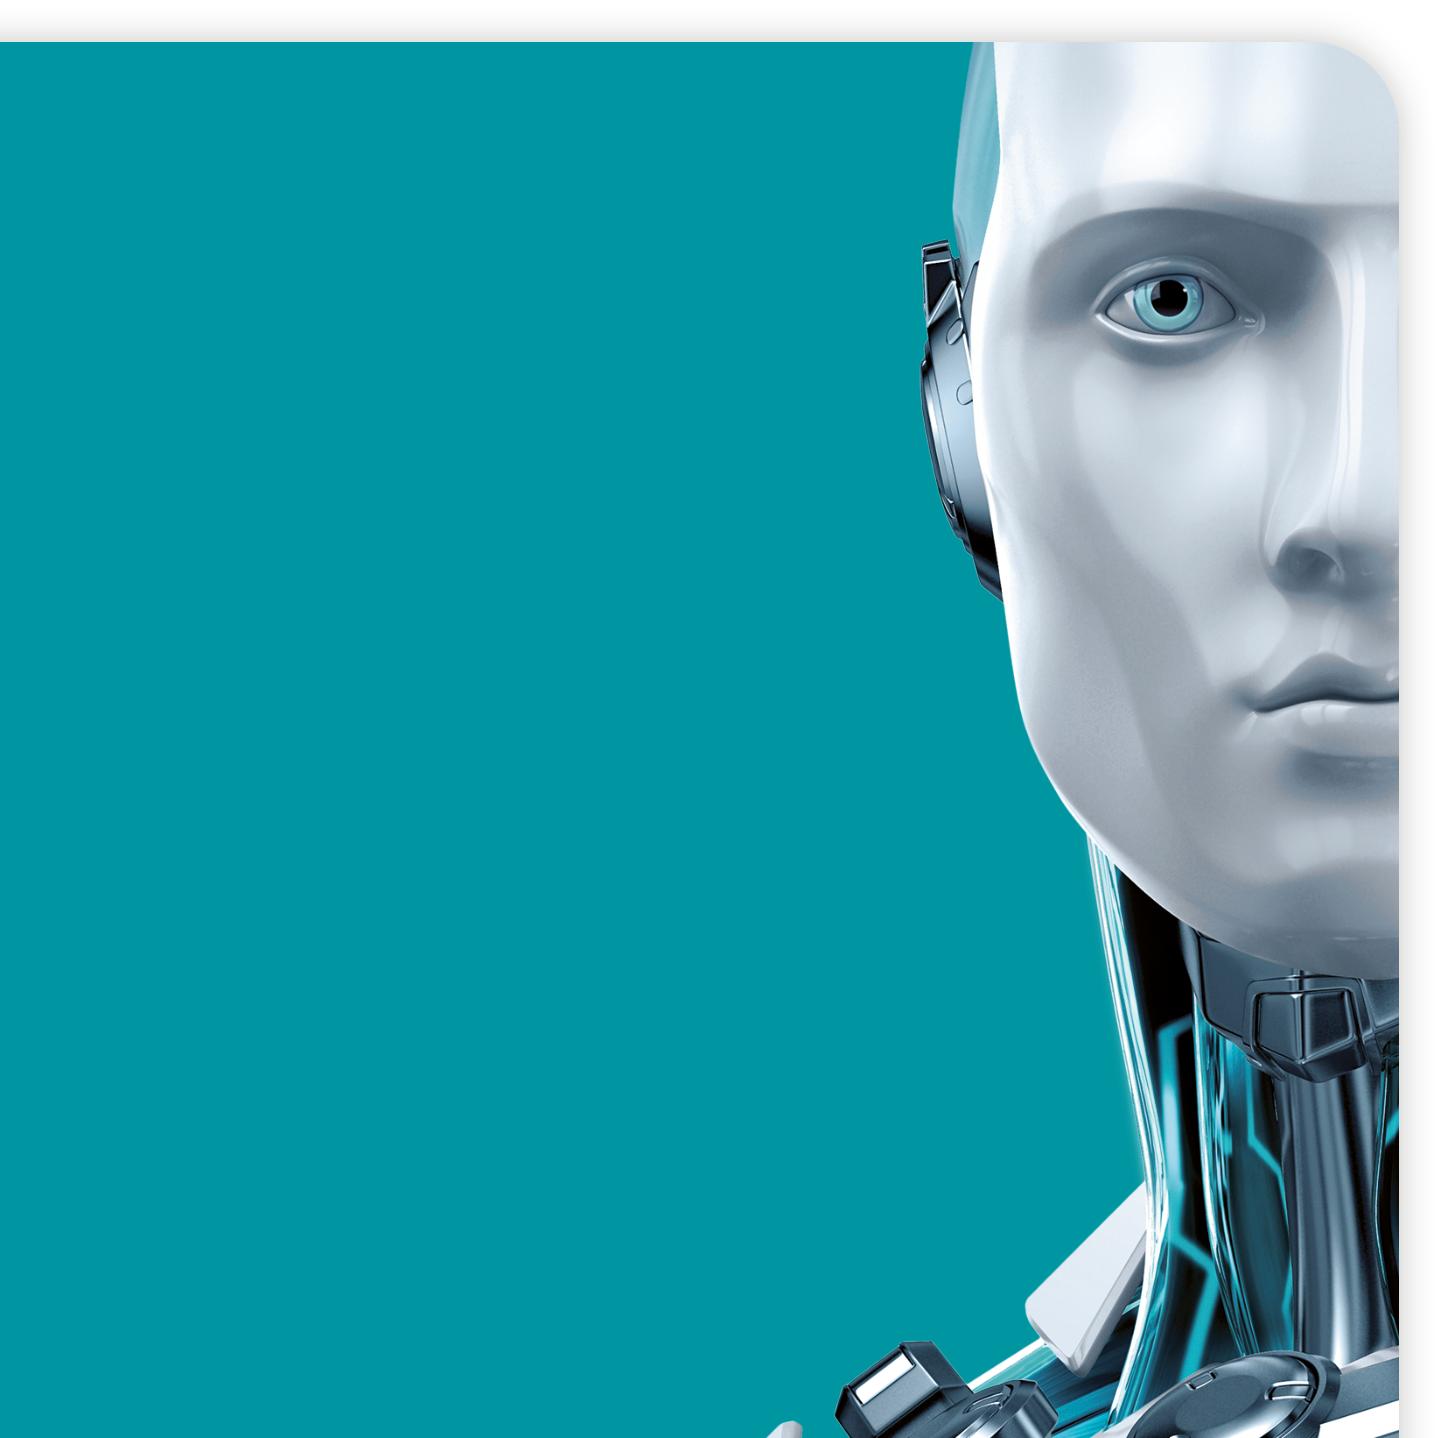 ESET commercialise un antivirus dédié aux terminaux Linux